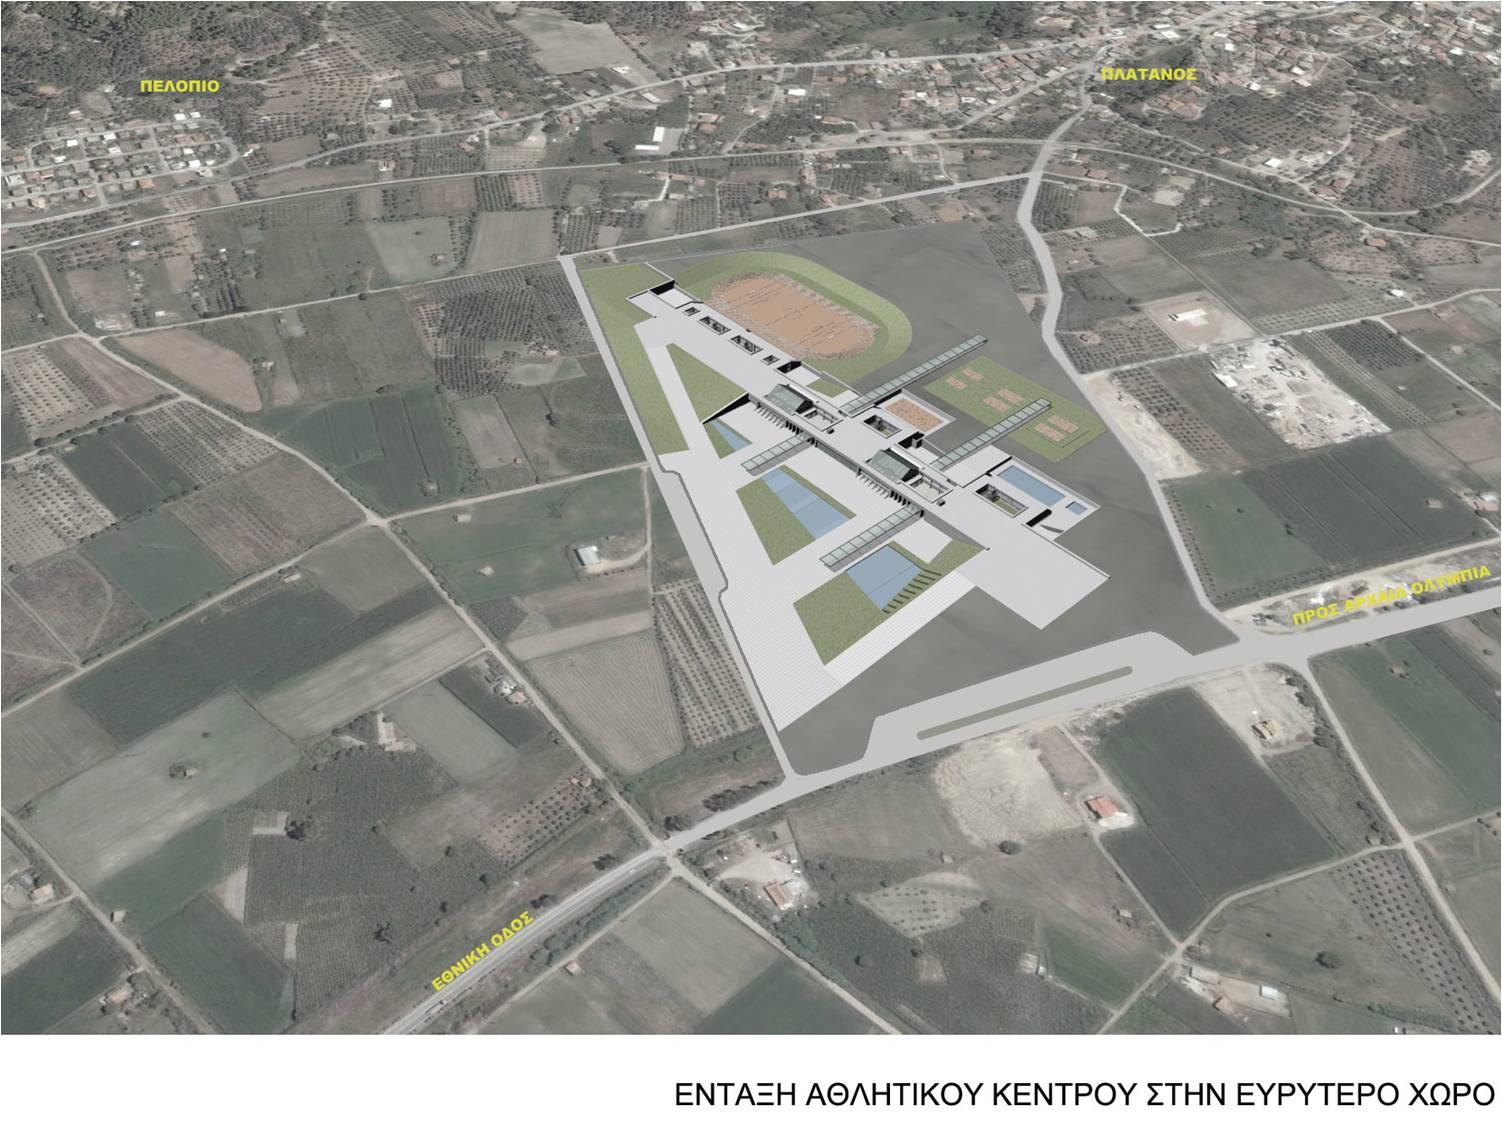 """Παρέμβαση του Δημάρχου Γιώργου Γεωργιόπουλου για το Αθλητικό Κέντρο Αρχαίας Ολυμπίας: """"Αυτό το έργο δεν προσφέρεται για αντιθεσμικές φιέστες"""""""